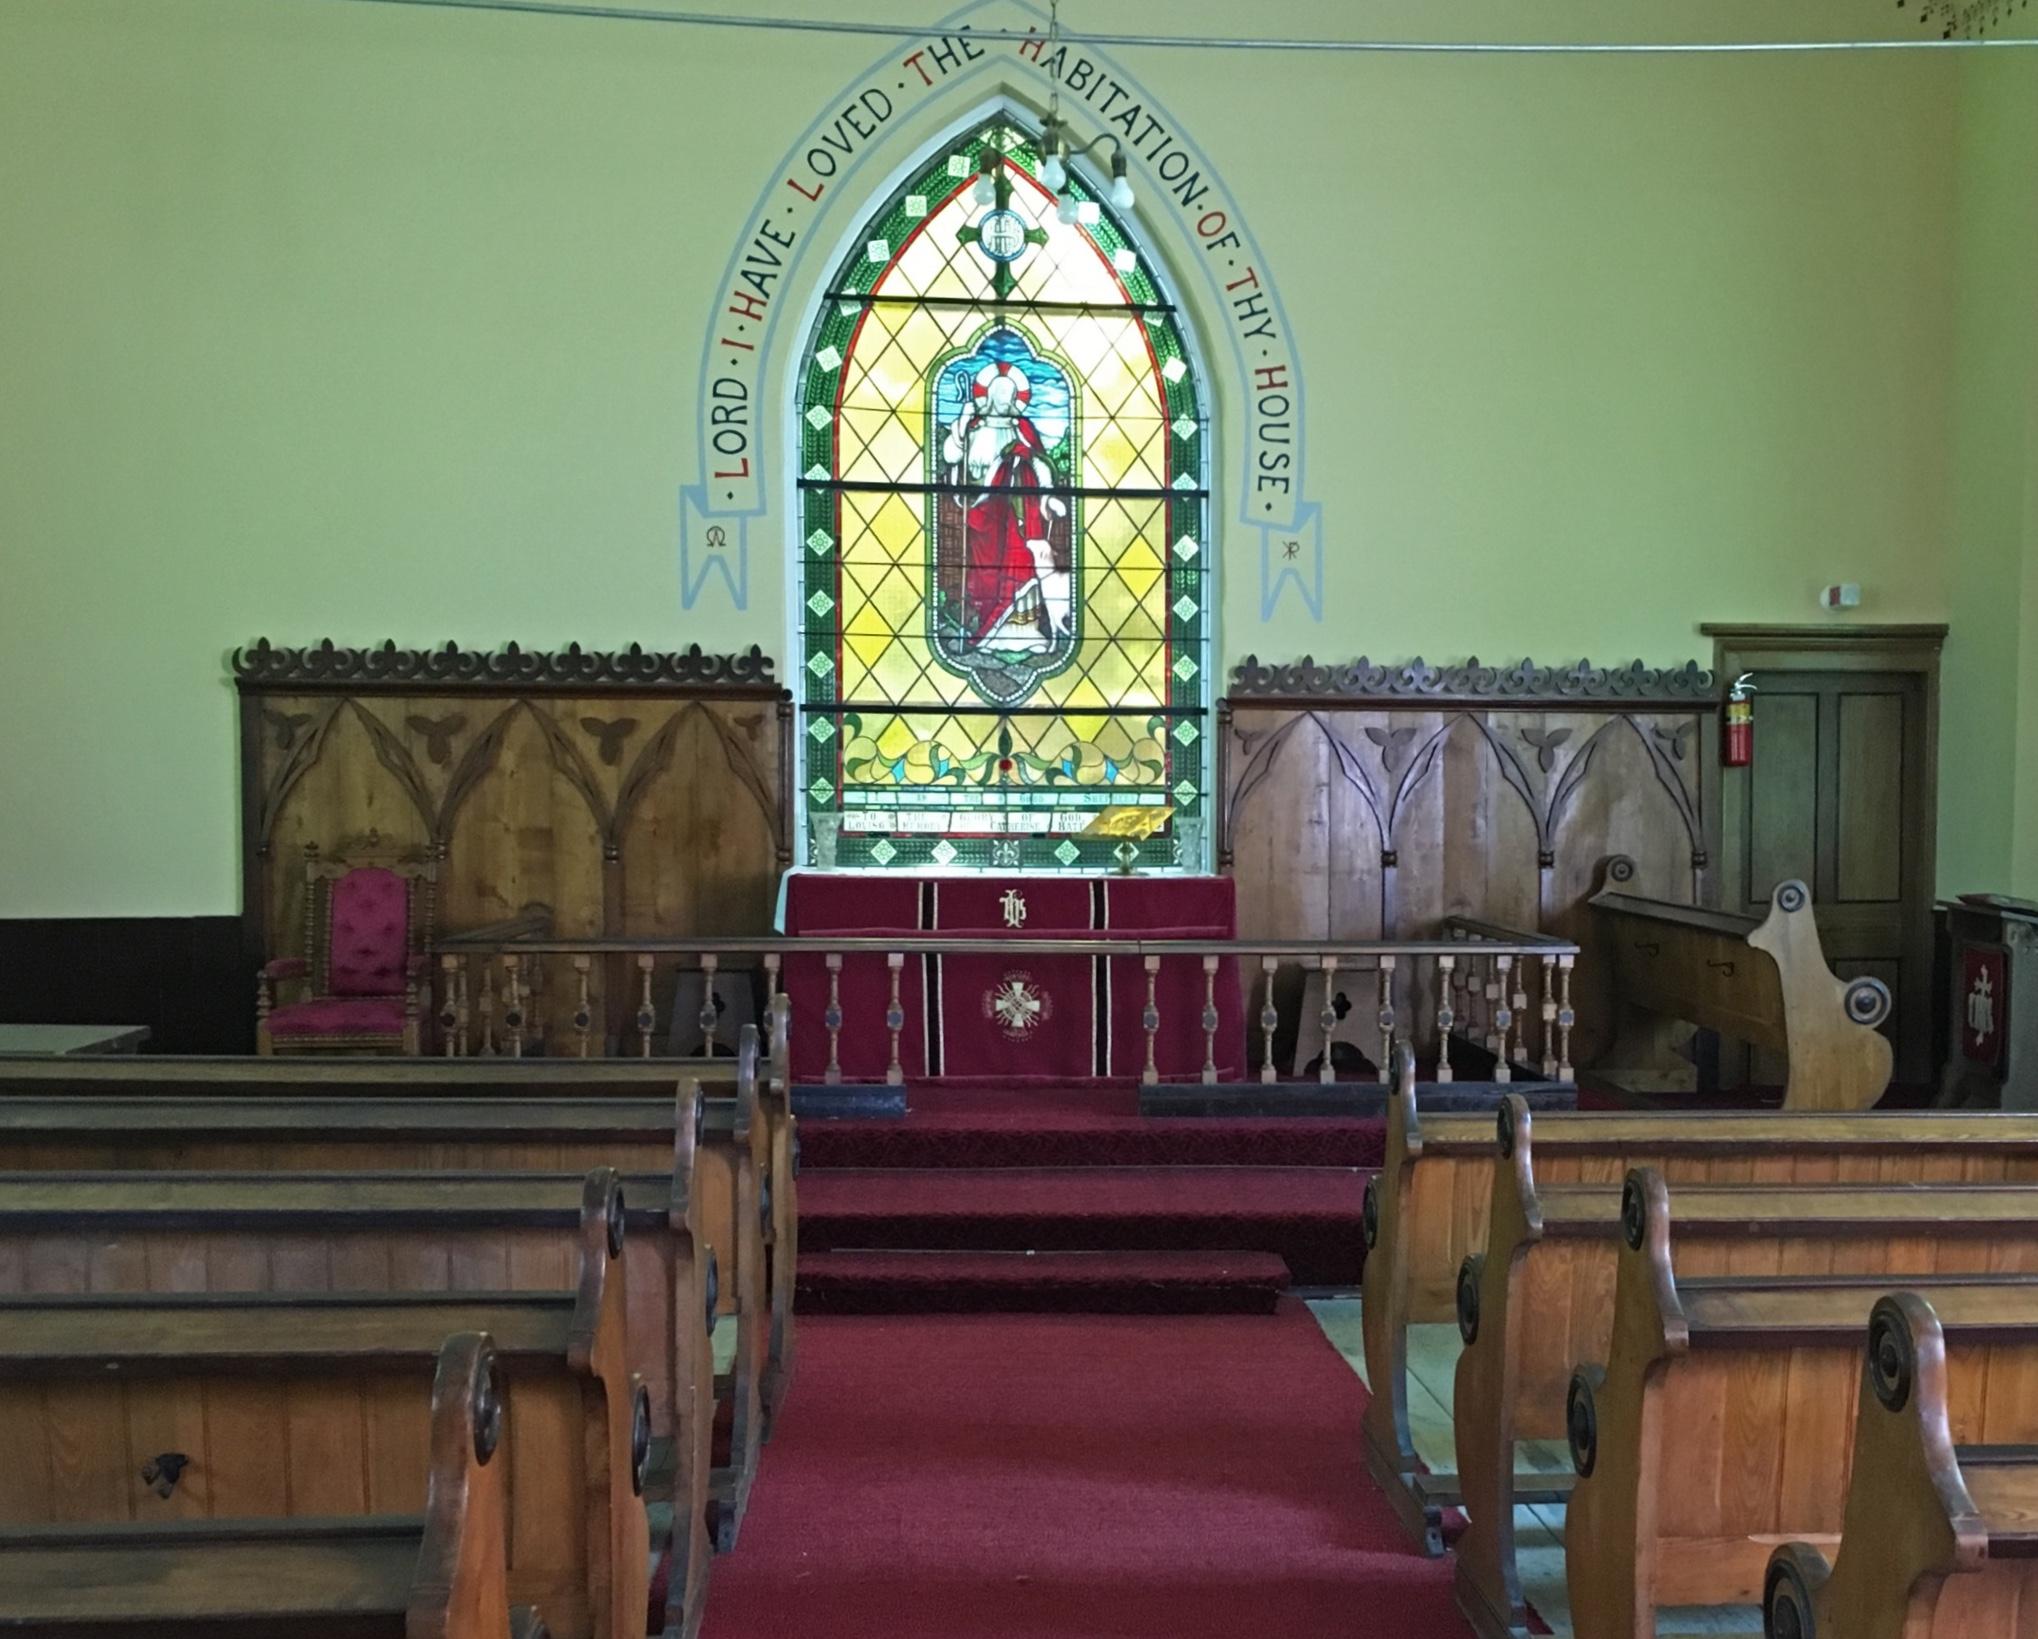 Photo couleur de l'intérieur de l'église anglicane de St. Bartholomew sur laquelle on aperçoit des rangées de bancs en bois faisant face à l'autel, lequel est orné de panneaux en bois fixés au mur sans apparat au centre duquel se trouve un vitrail.